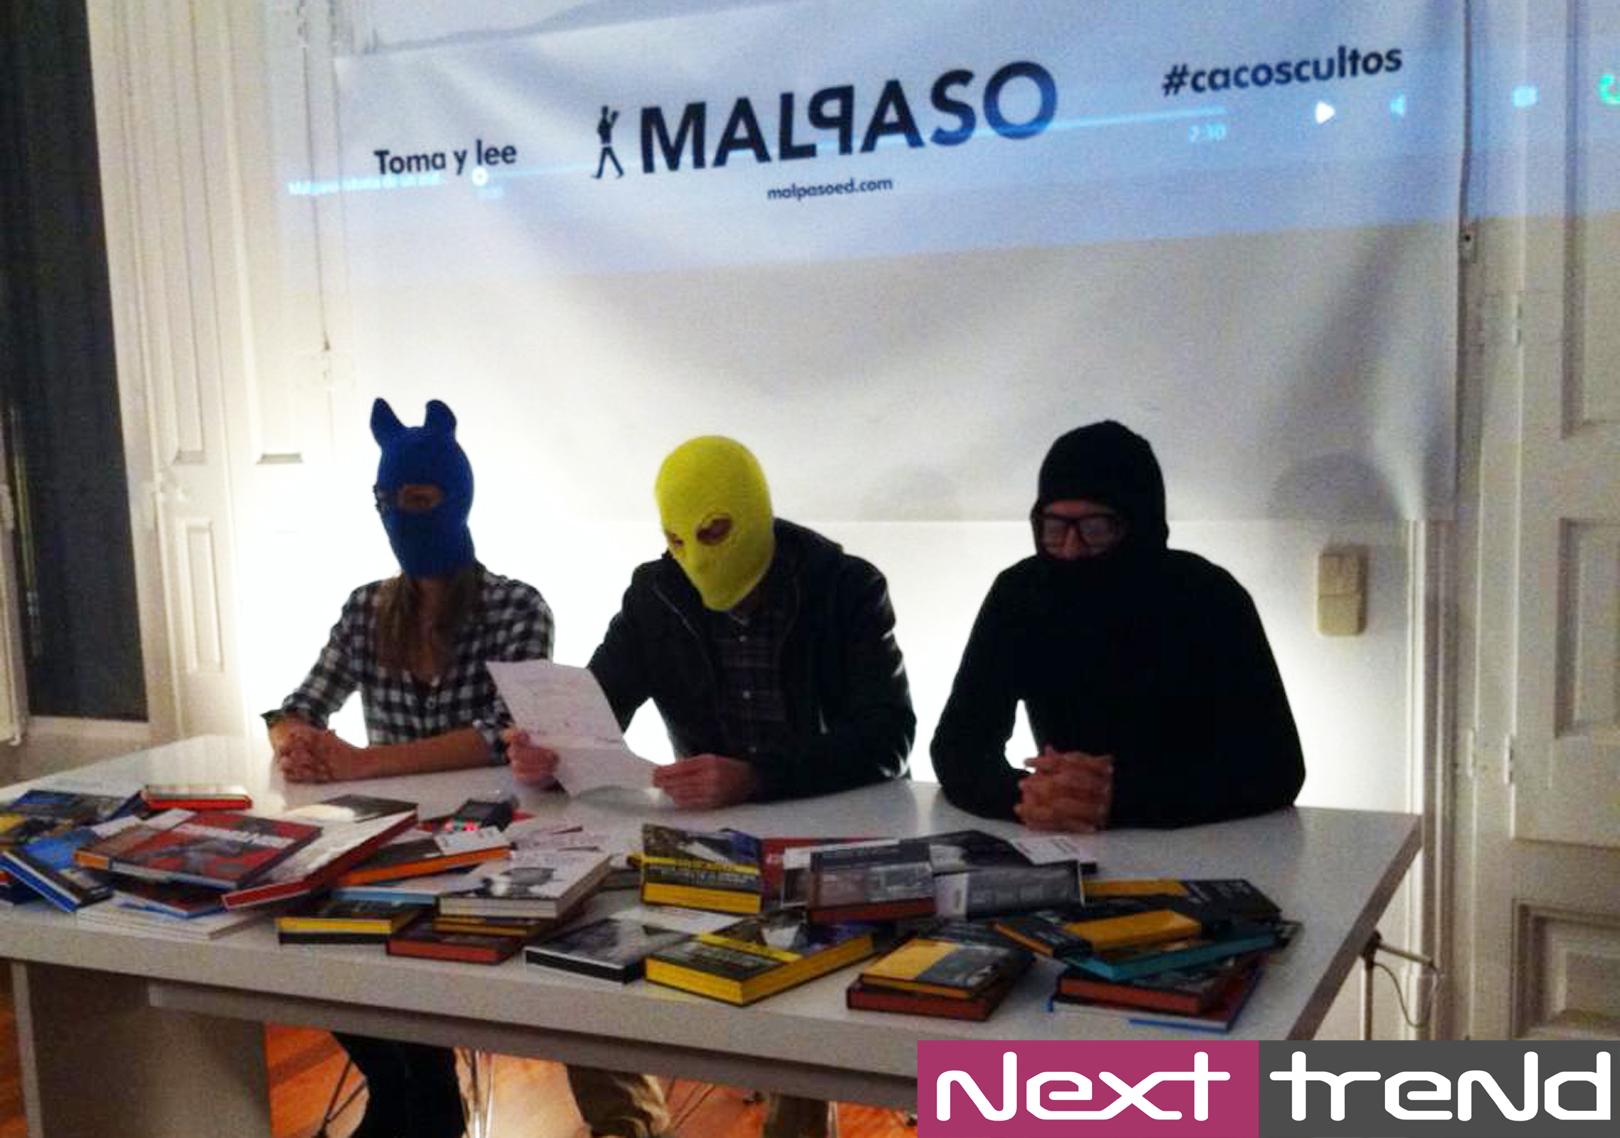 editorial-cultura-cacoscultos-malpaso-libros-nexttrend